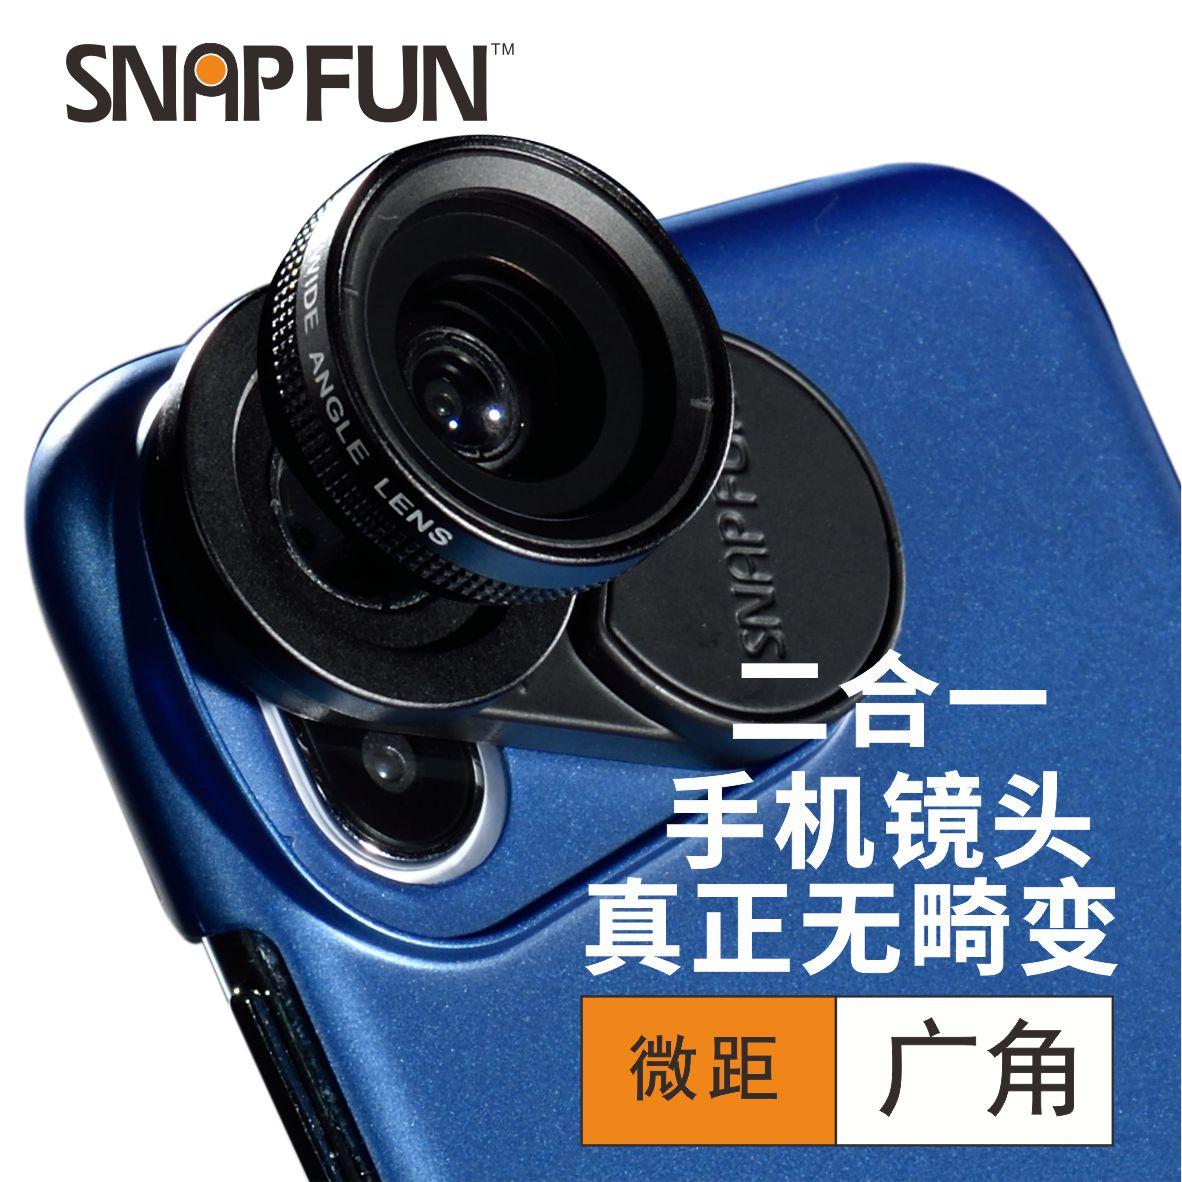 SNAP SUN 三星手机镜头磁吸式Note8/S9/S9+专机专壳二合一镜头套装,可领取5元天猫优惠券